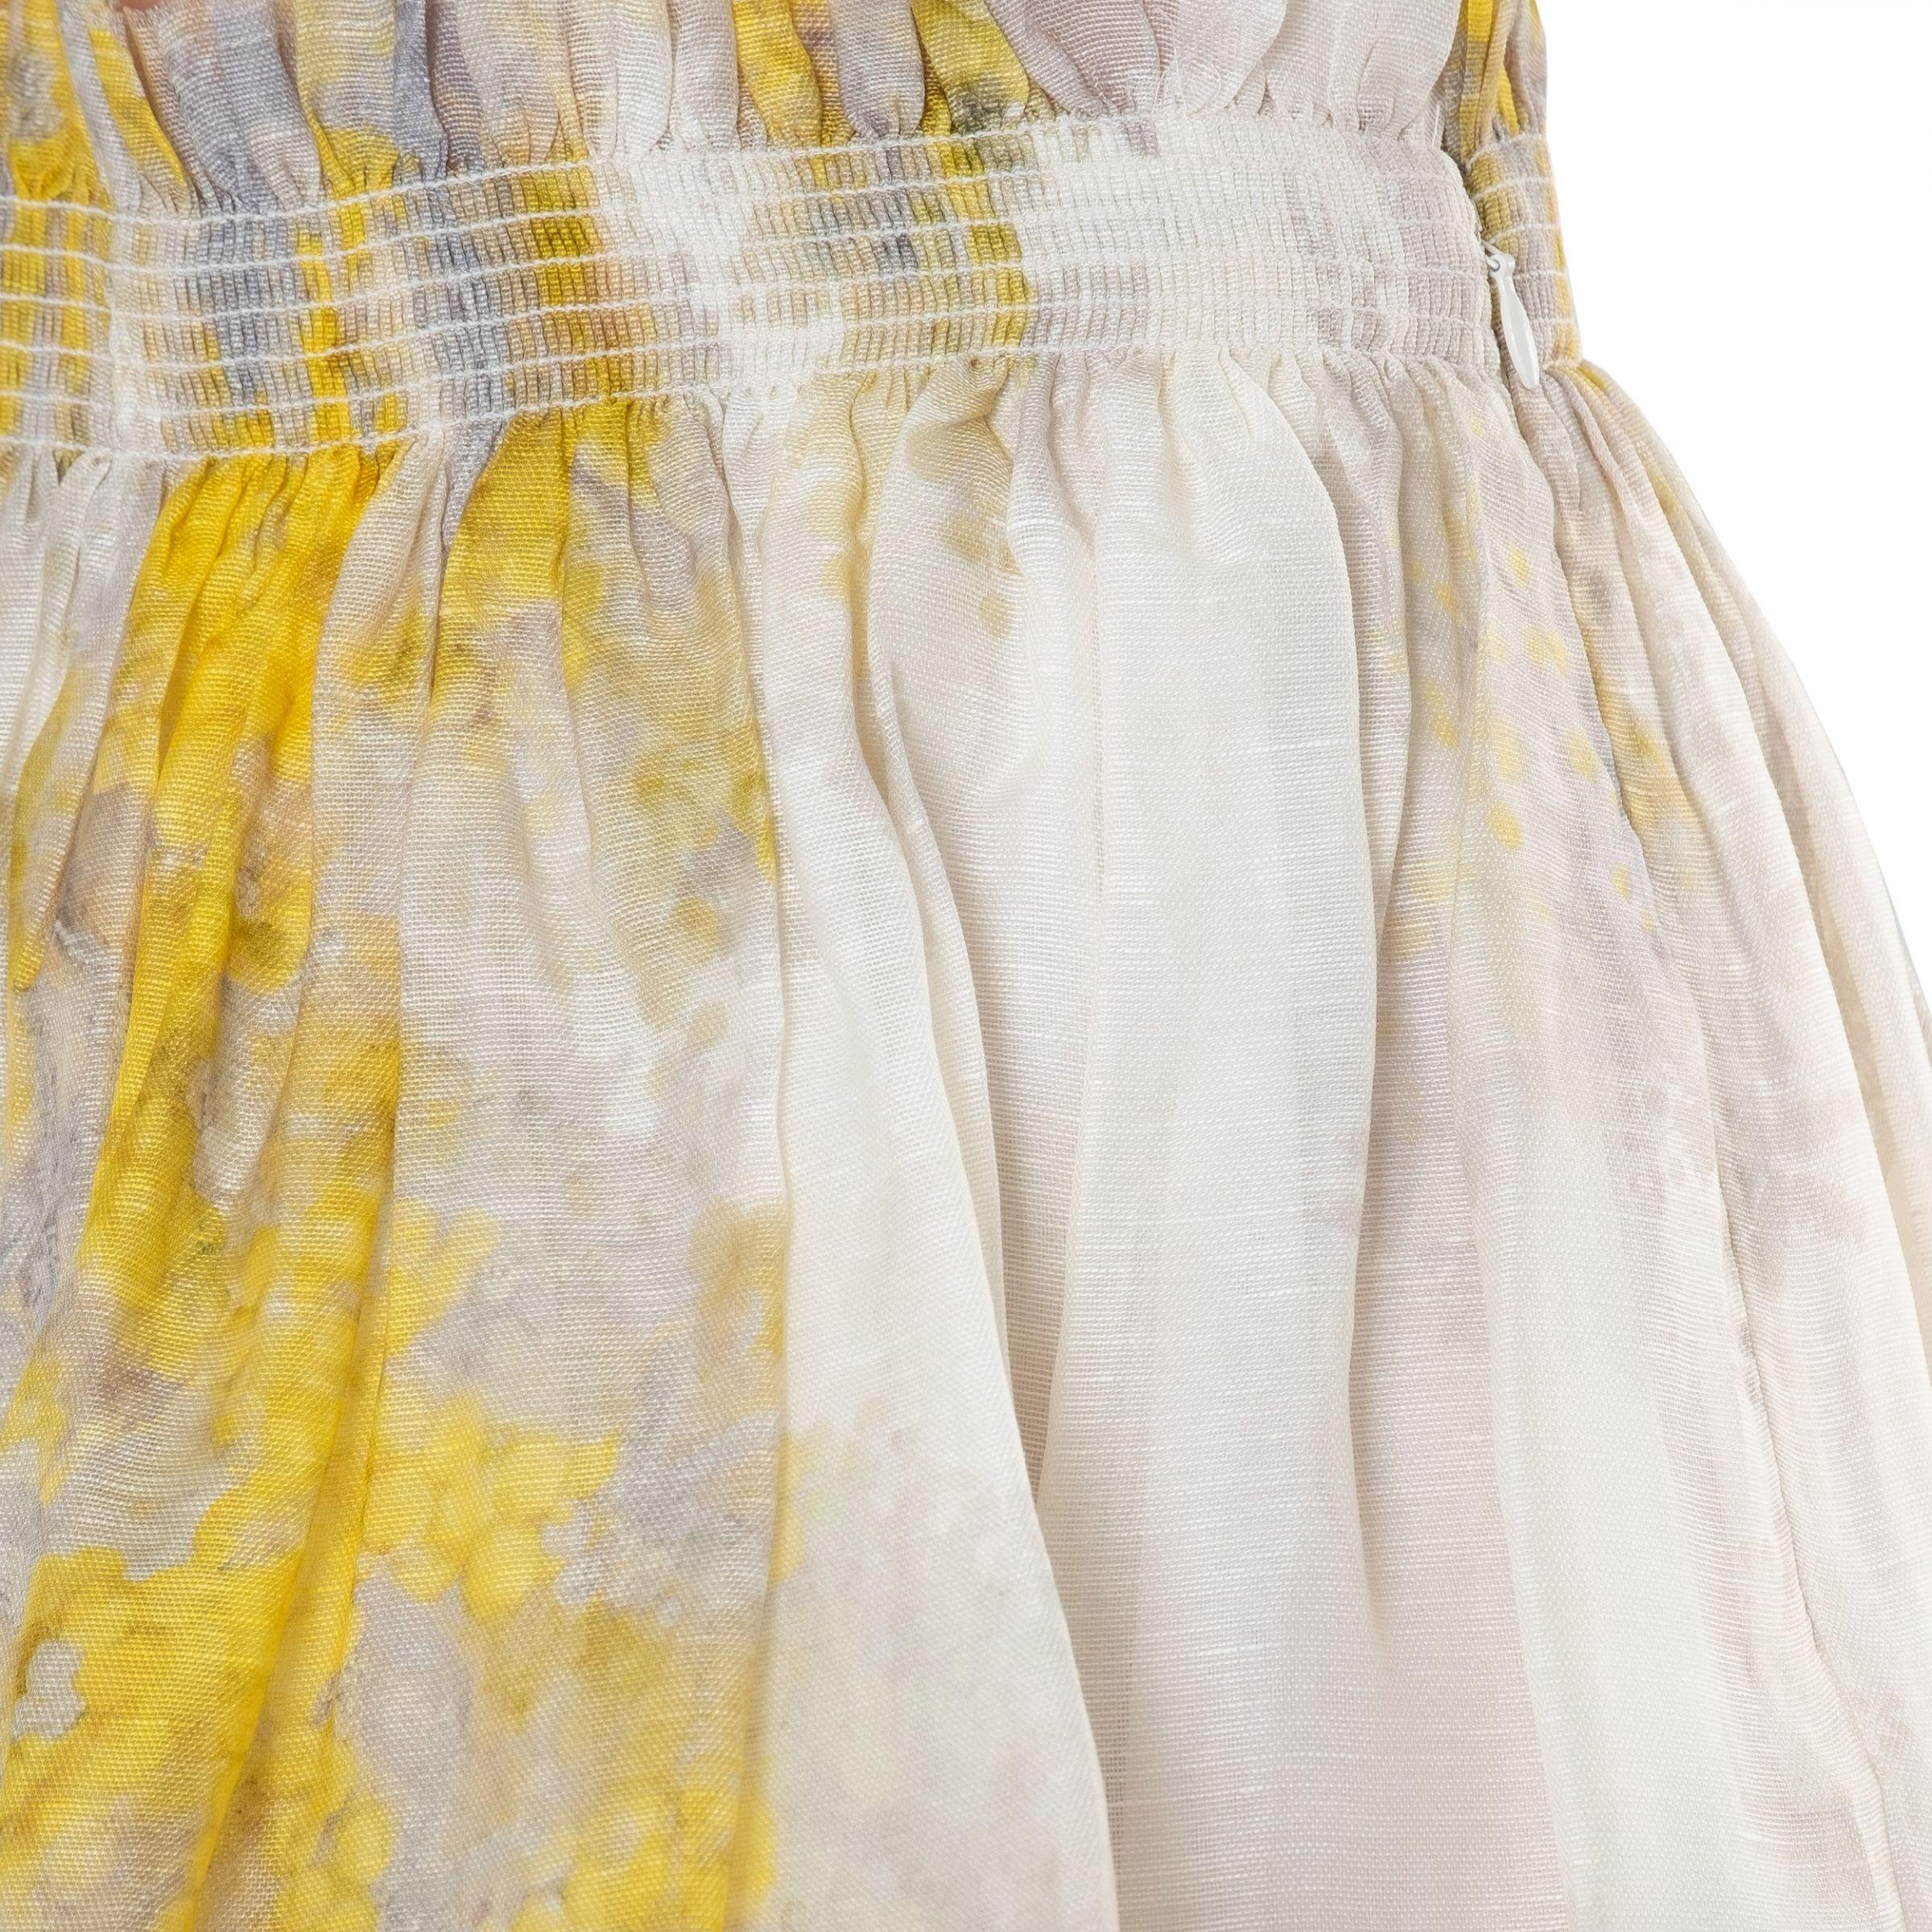 Юбка Zimmermann Botanica Wattle желто-белая